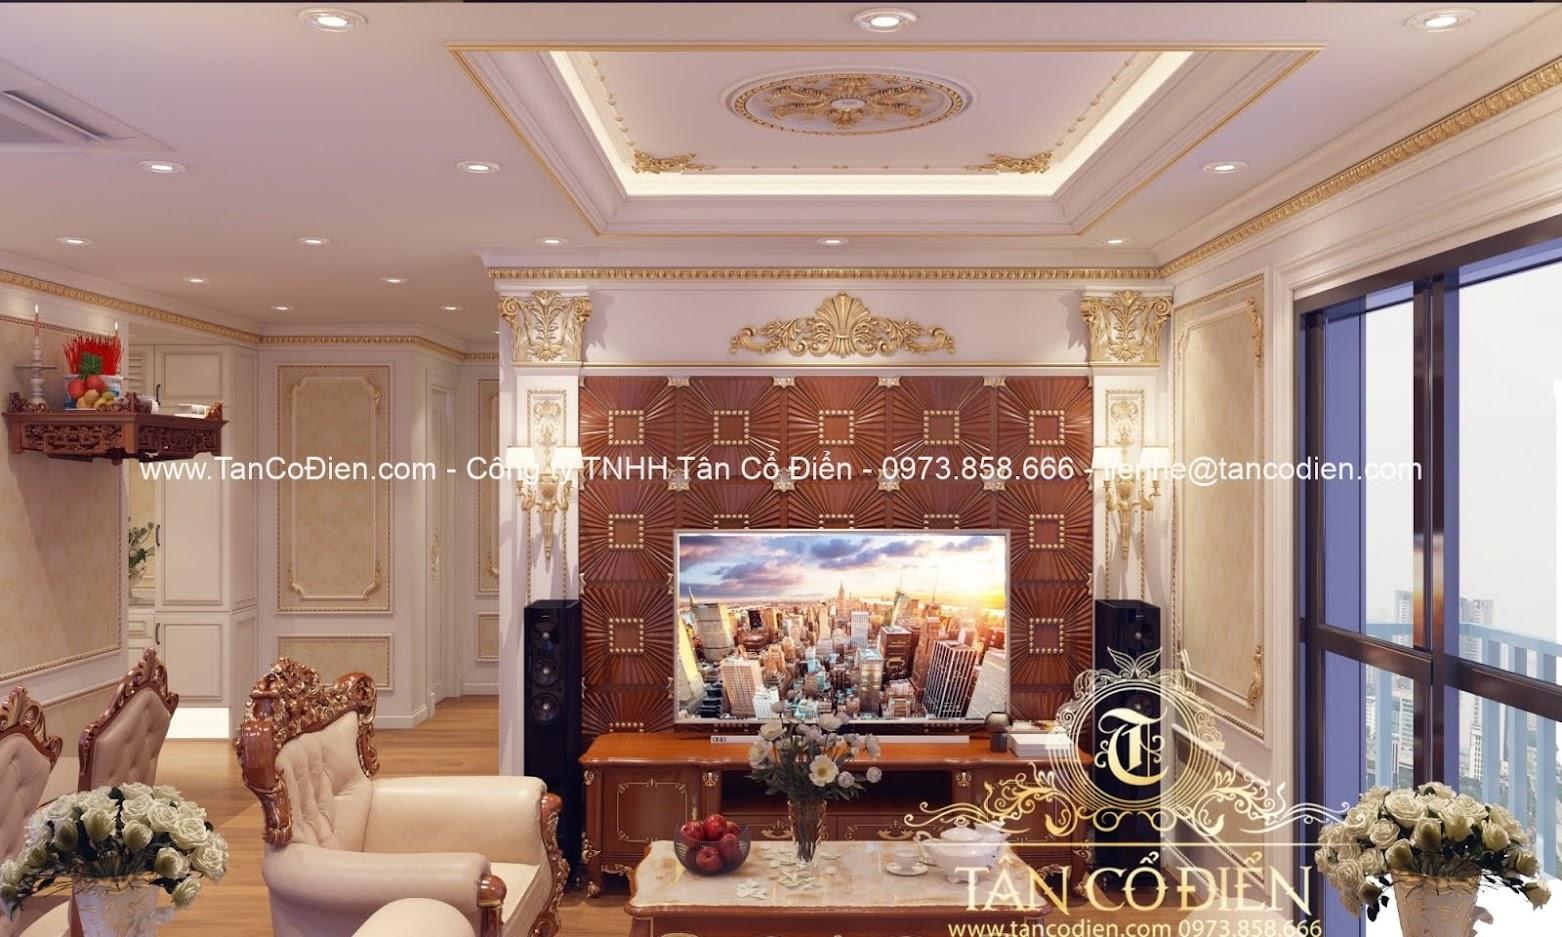 Thiết kế nội thất phòng khách biệt thự cổ điển